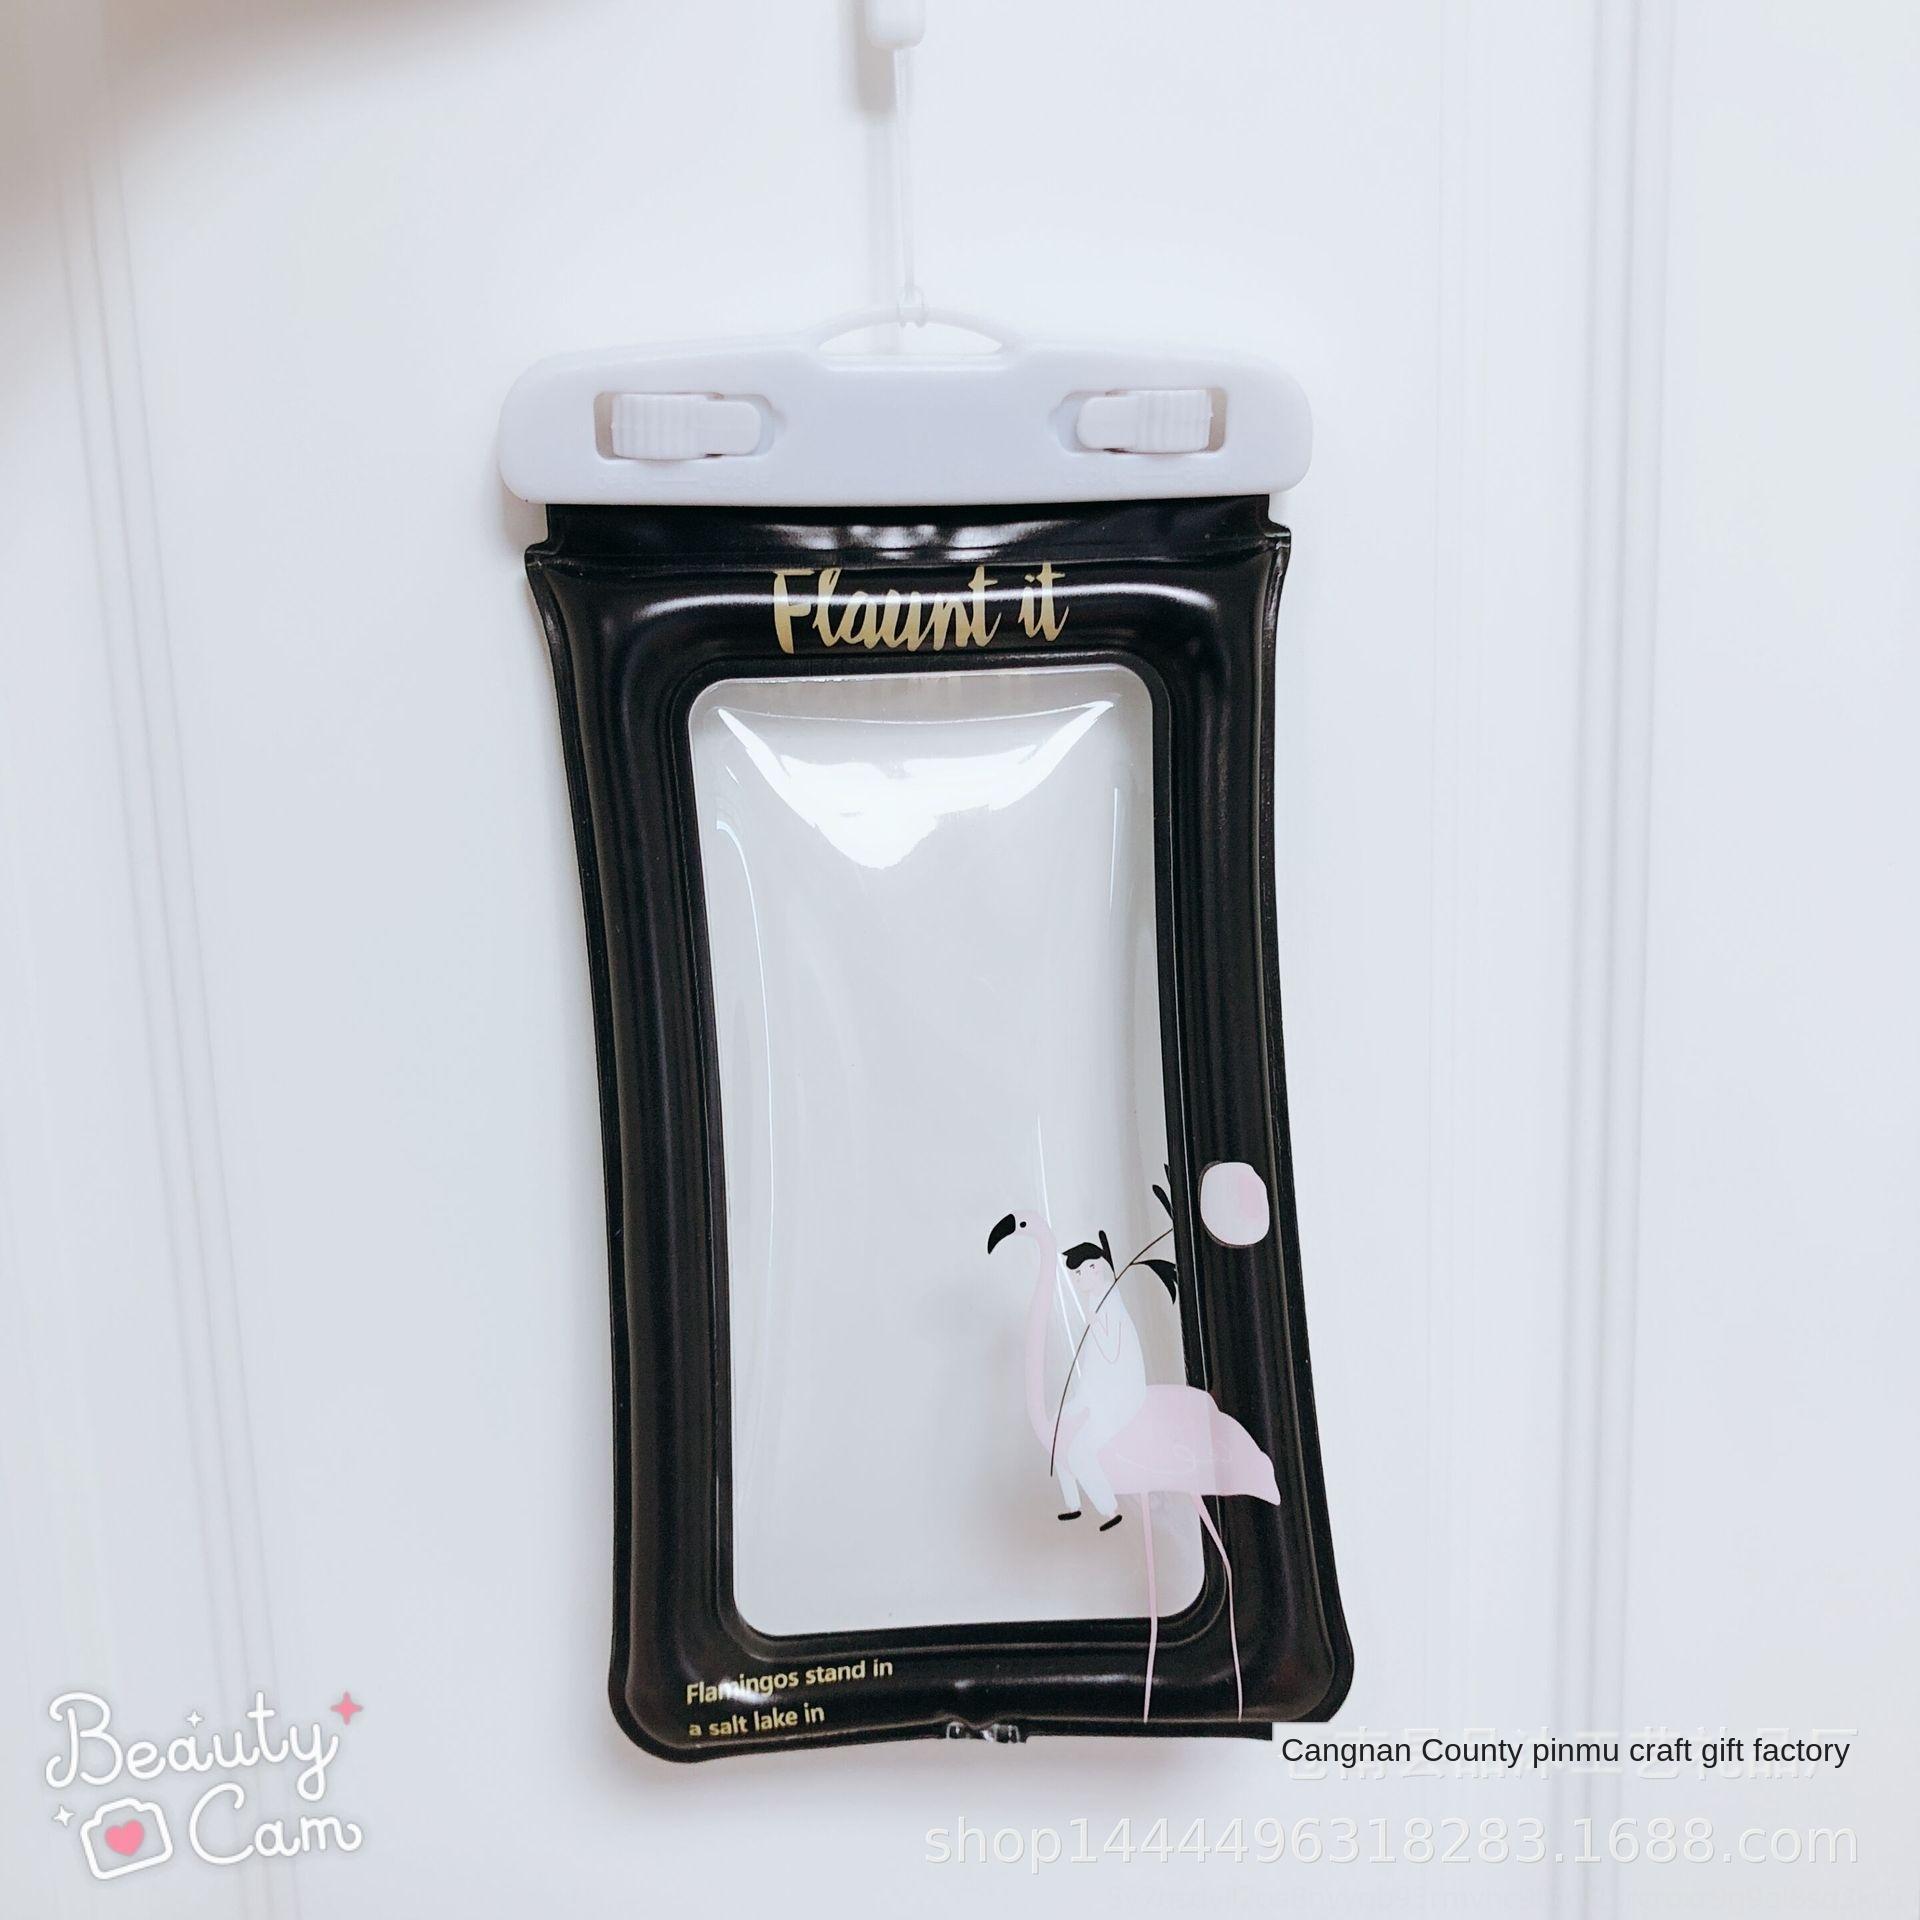 T productos al aire libre de aire inflable inflable del teléfono móvil resistente al agua bolsa de dibujos animados teléfono móvil bolsa impermeable fRu06